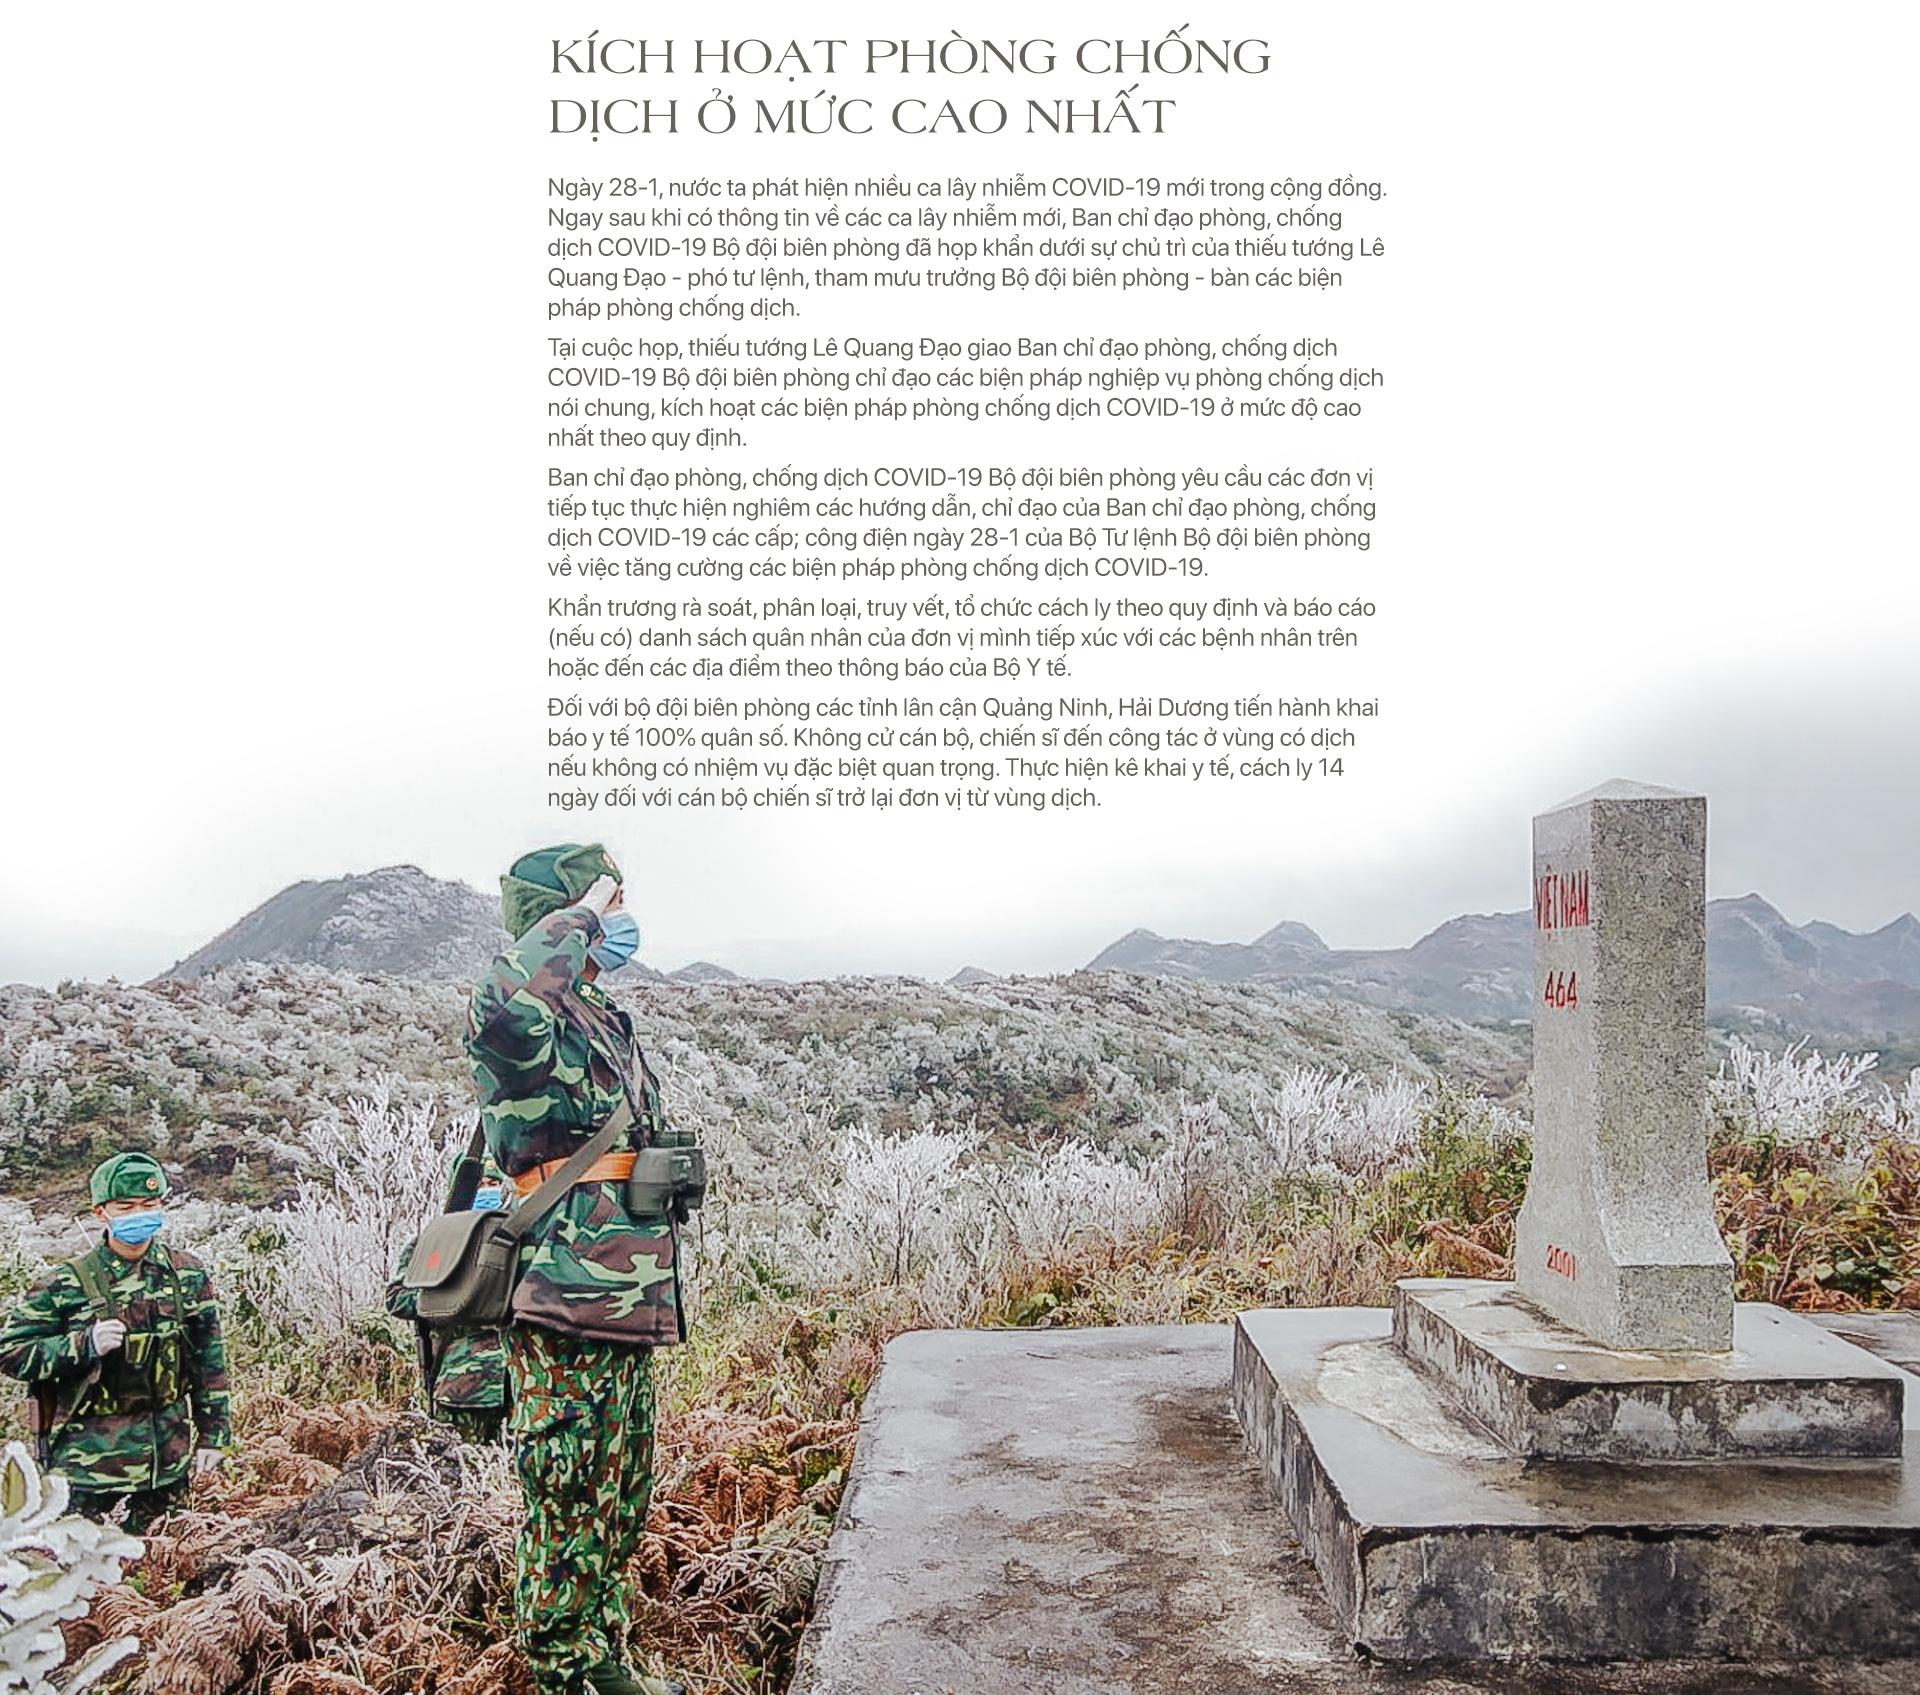 Mùa xuân biên viễn của những người lính biên phòng - Ảnh 12.